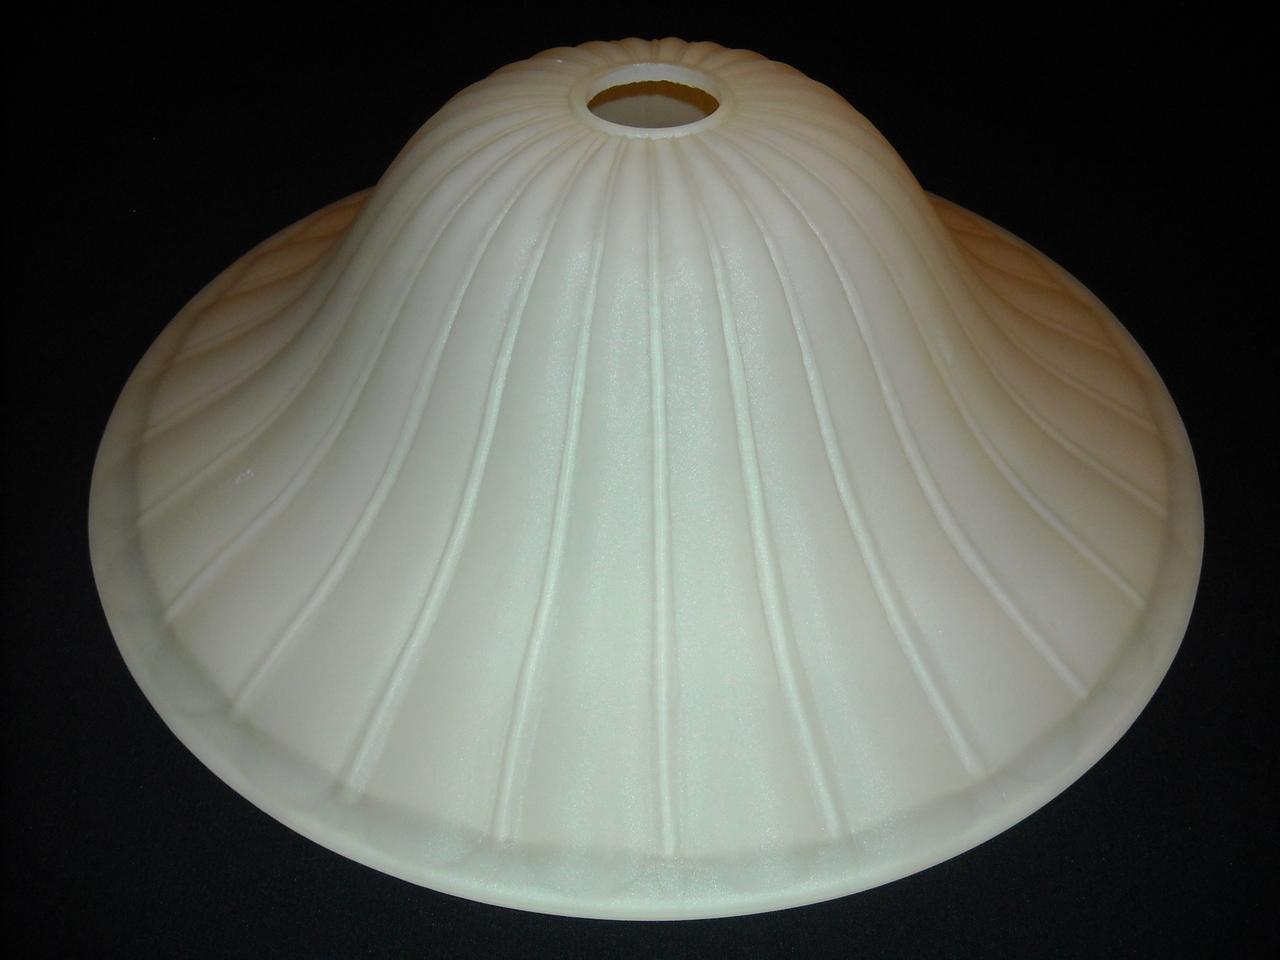 k0233 ca 40 cm lampenschirme ber 1500 verschiedene arten neue und gebrauchte. Black Bedroom Furniture Sets. Home Design Ideas